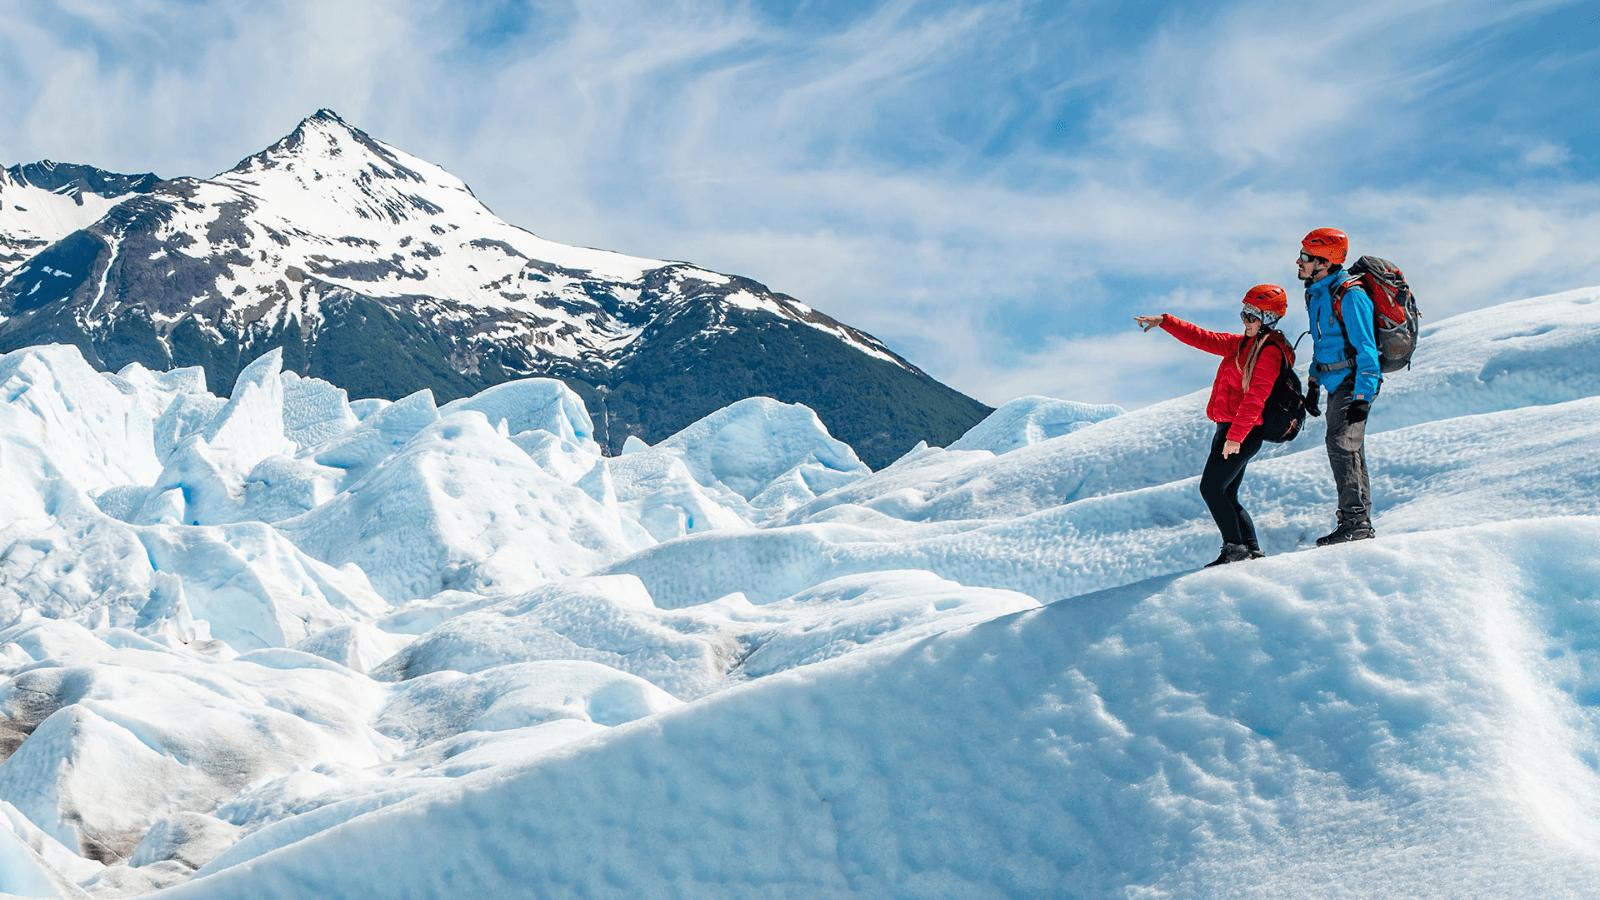 5 experiencias que puedes vivir en el Parque Nacional Los Glaciares 0